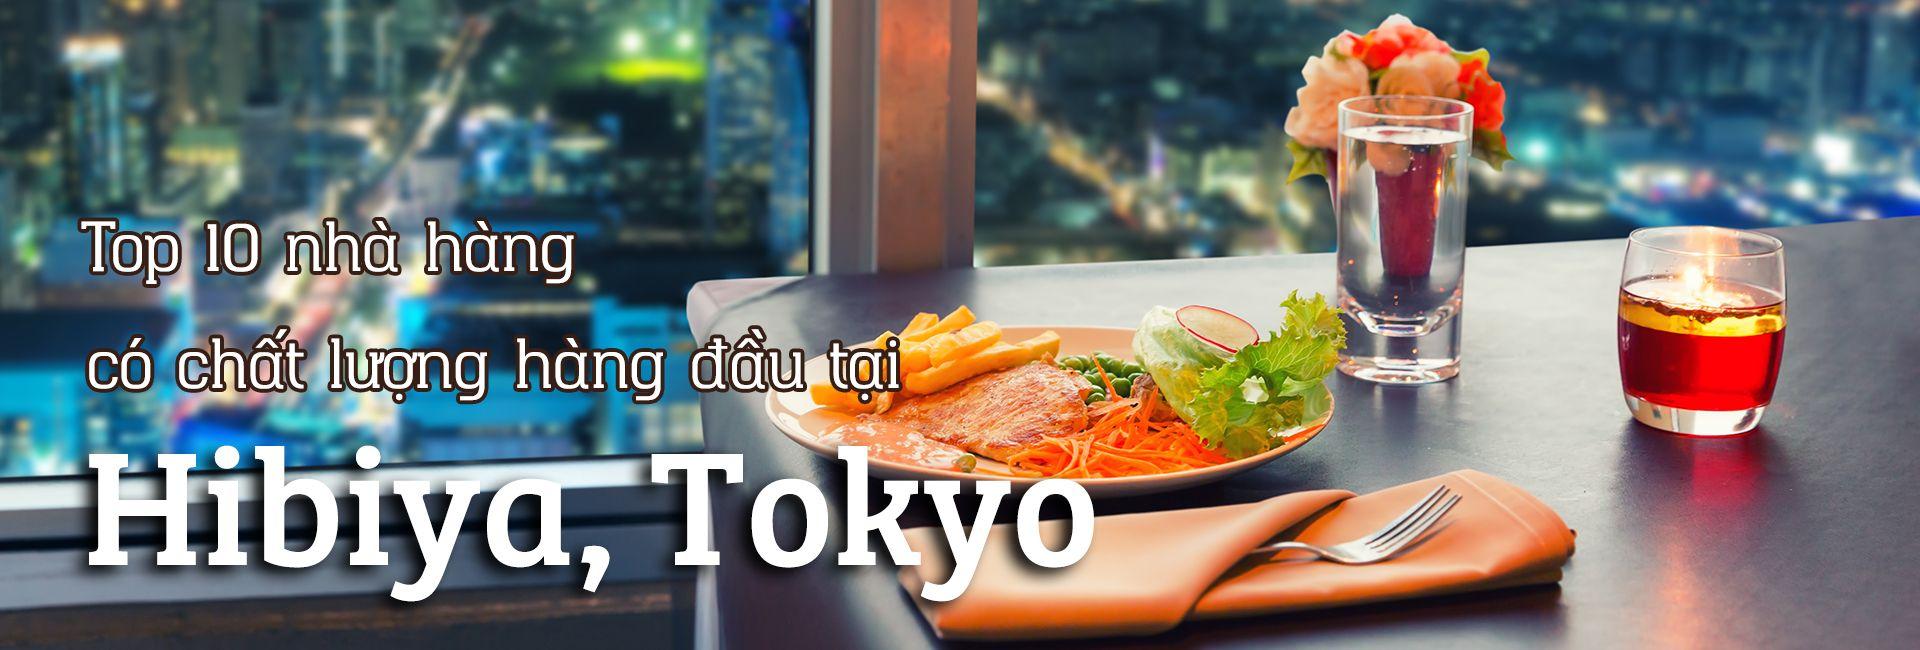 Top 10 nhà hàng có chất lượng hàng đầu tại Hibiya, Tokyo